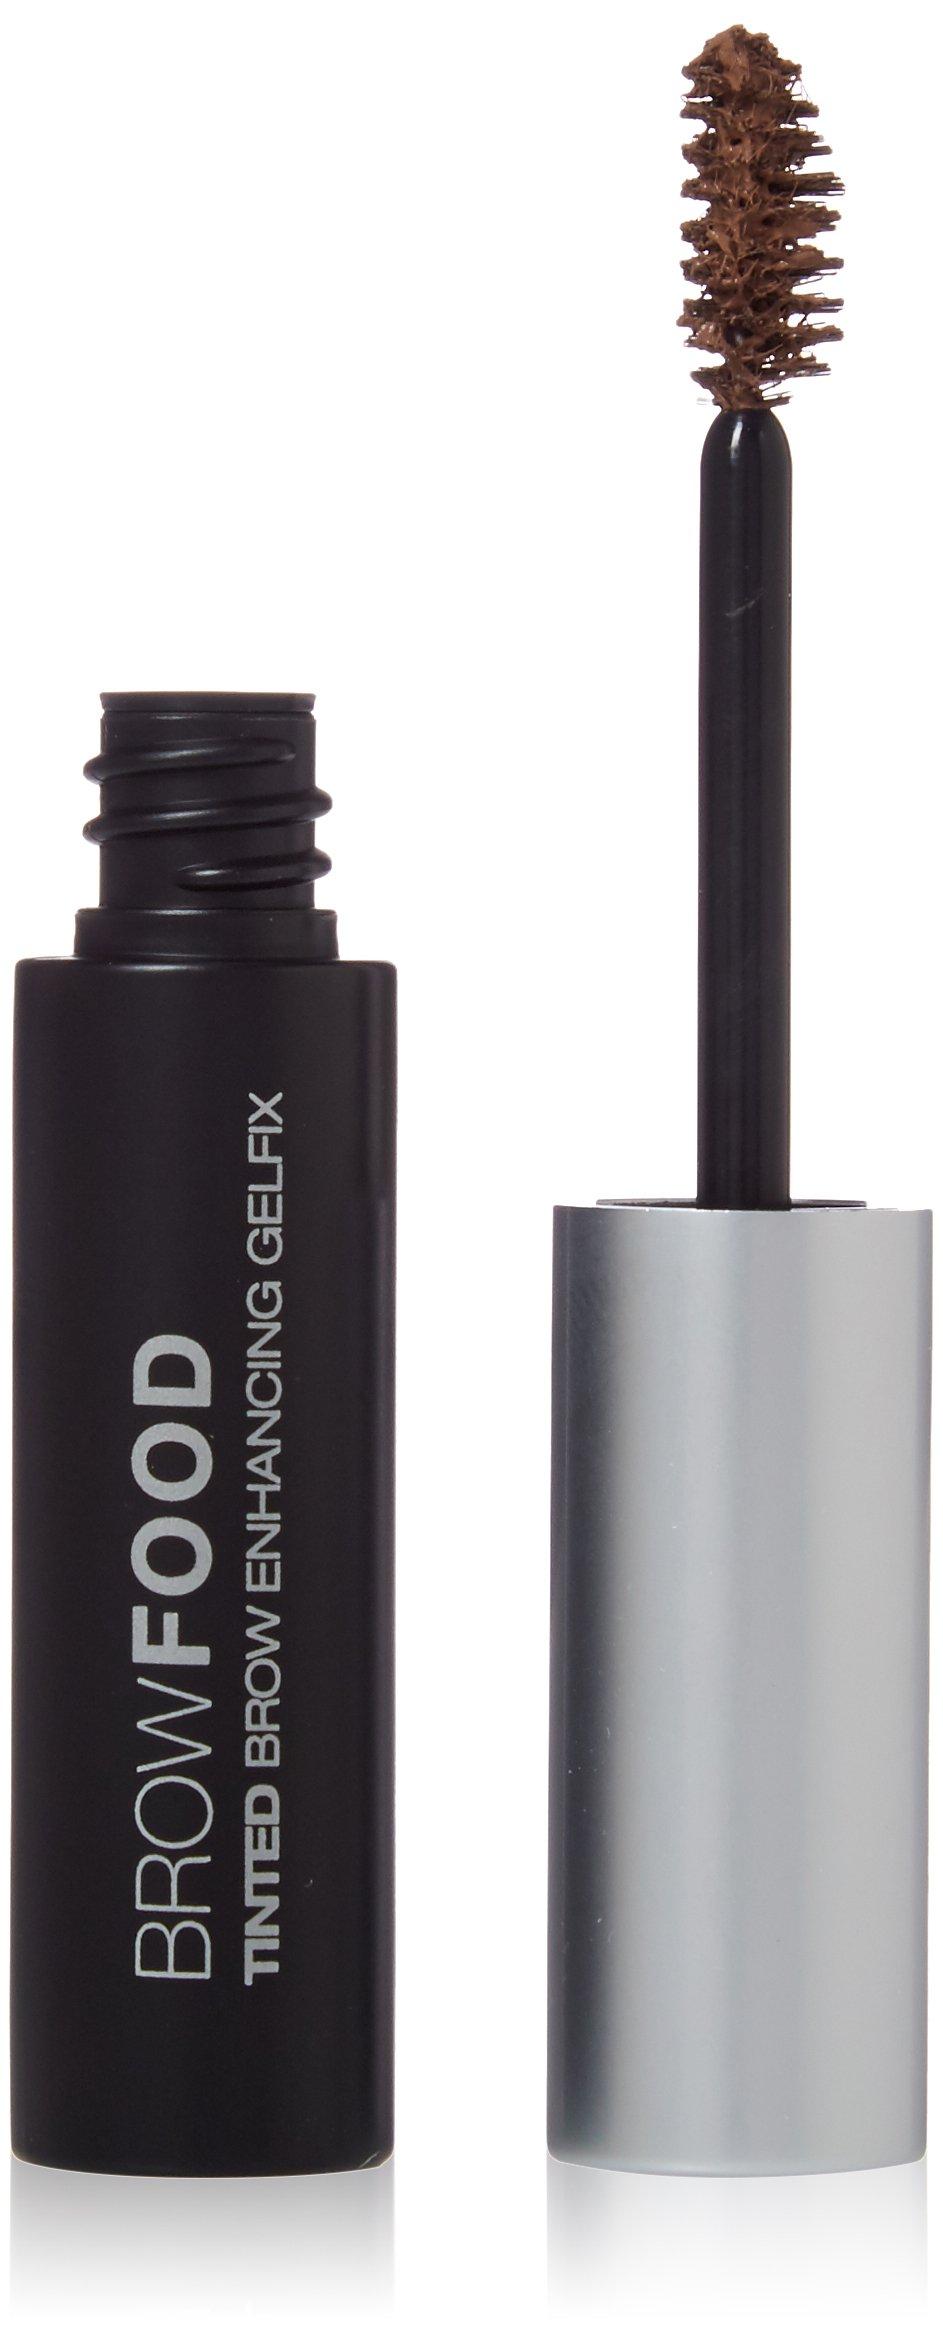 LashFood Browfood Tinted Brow Enhancing Gelfix for Women, Dark Blonde, 0.06 Pound